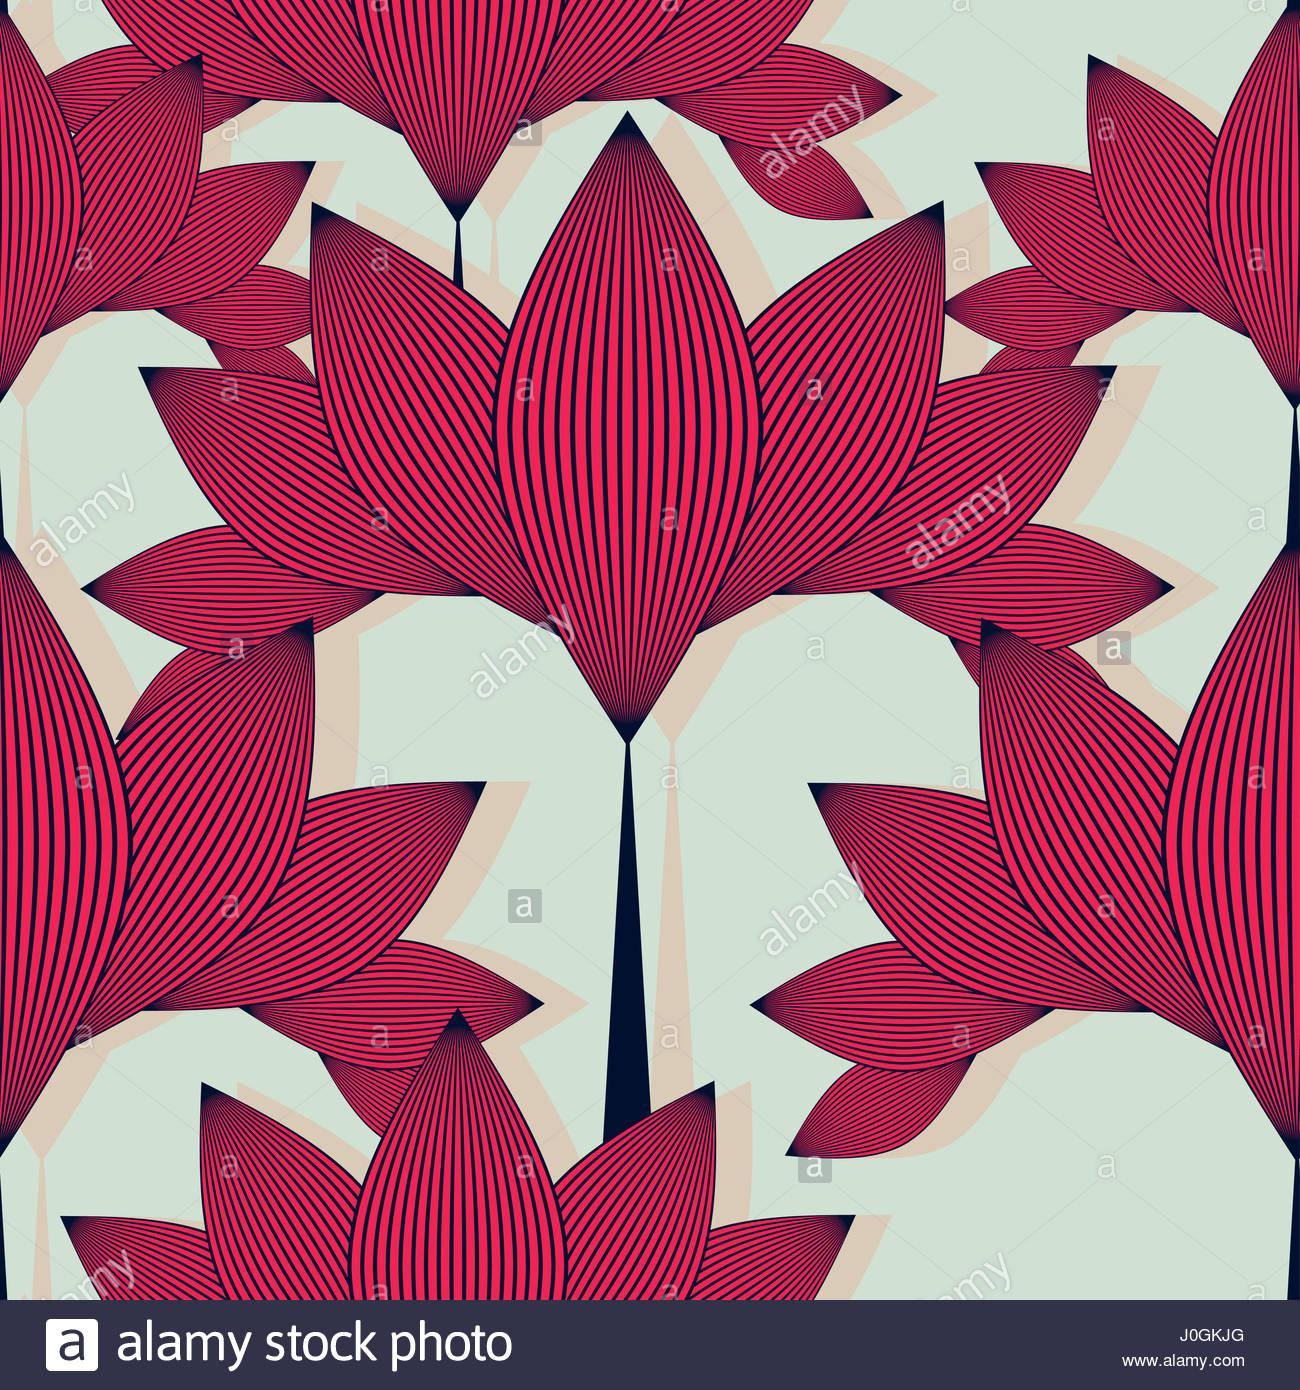 Papier Peint A Fleurs De Style Asiatique Avec Motif Carreaux Lotus